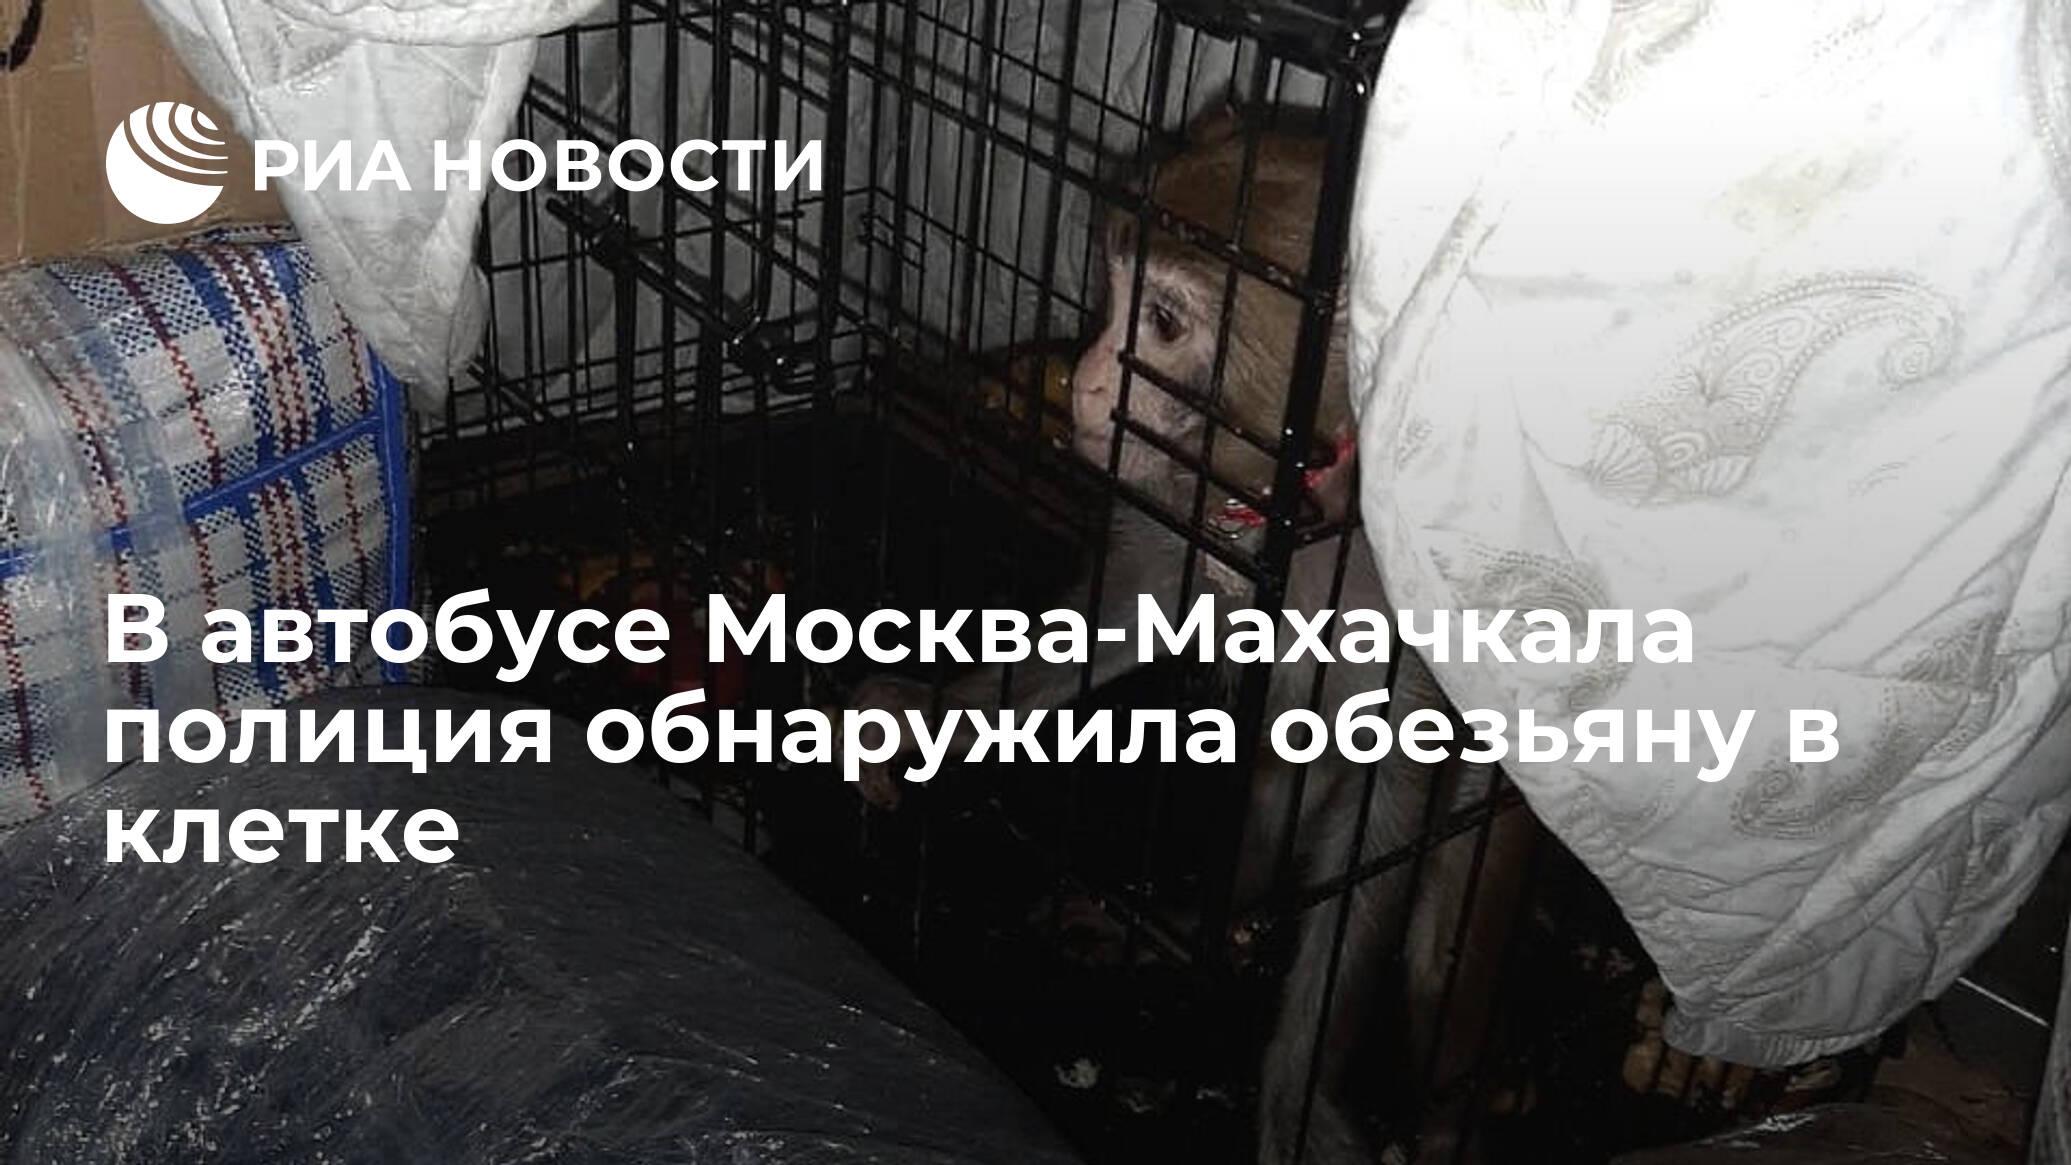 В автобусе Москва-Махачкала полиция обнаружила обезьяну в клетке